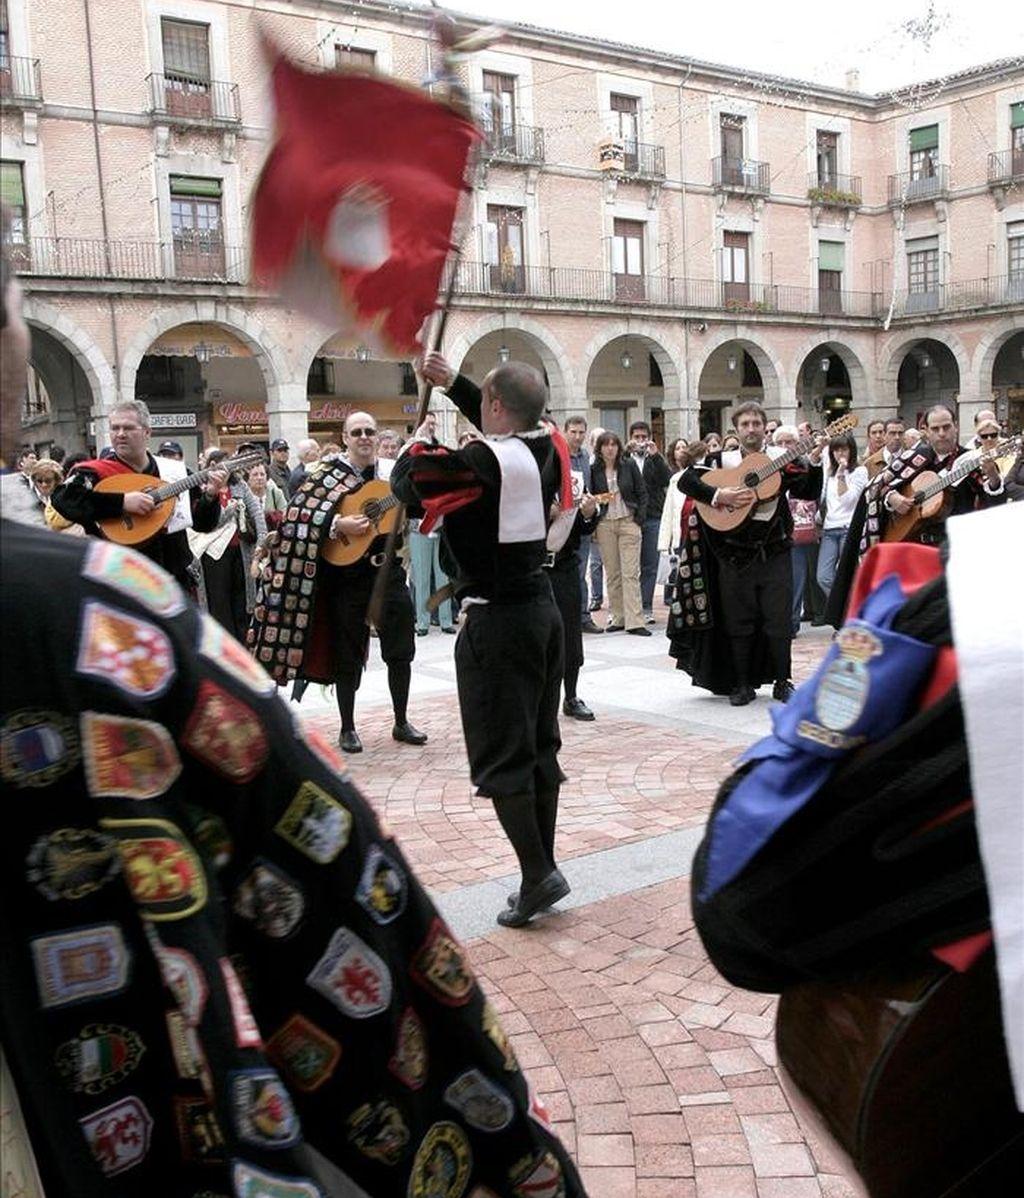 Un tuno de Valladolid ofrece 600 euros a quien la devuelva su capa, presuntamente robada y que tiene más de 200 escudos y 60 cintas procedentes de varios países. EFE/Archivo